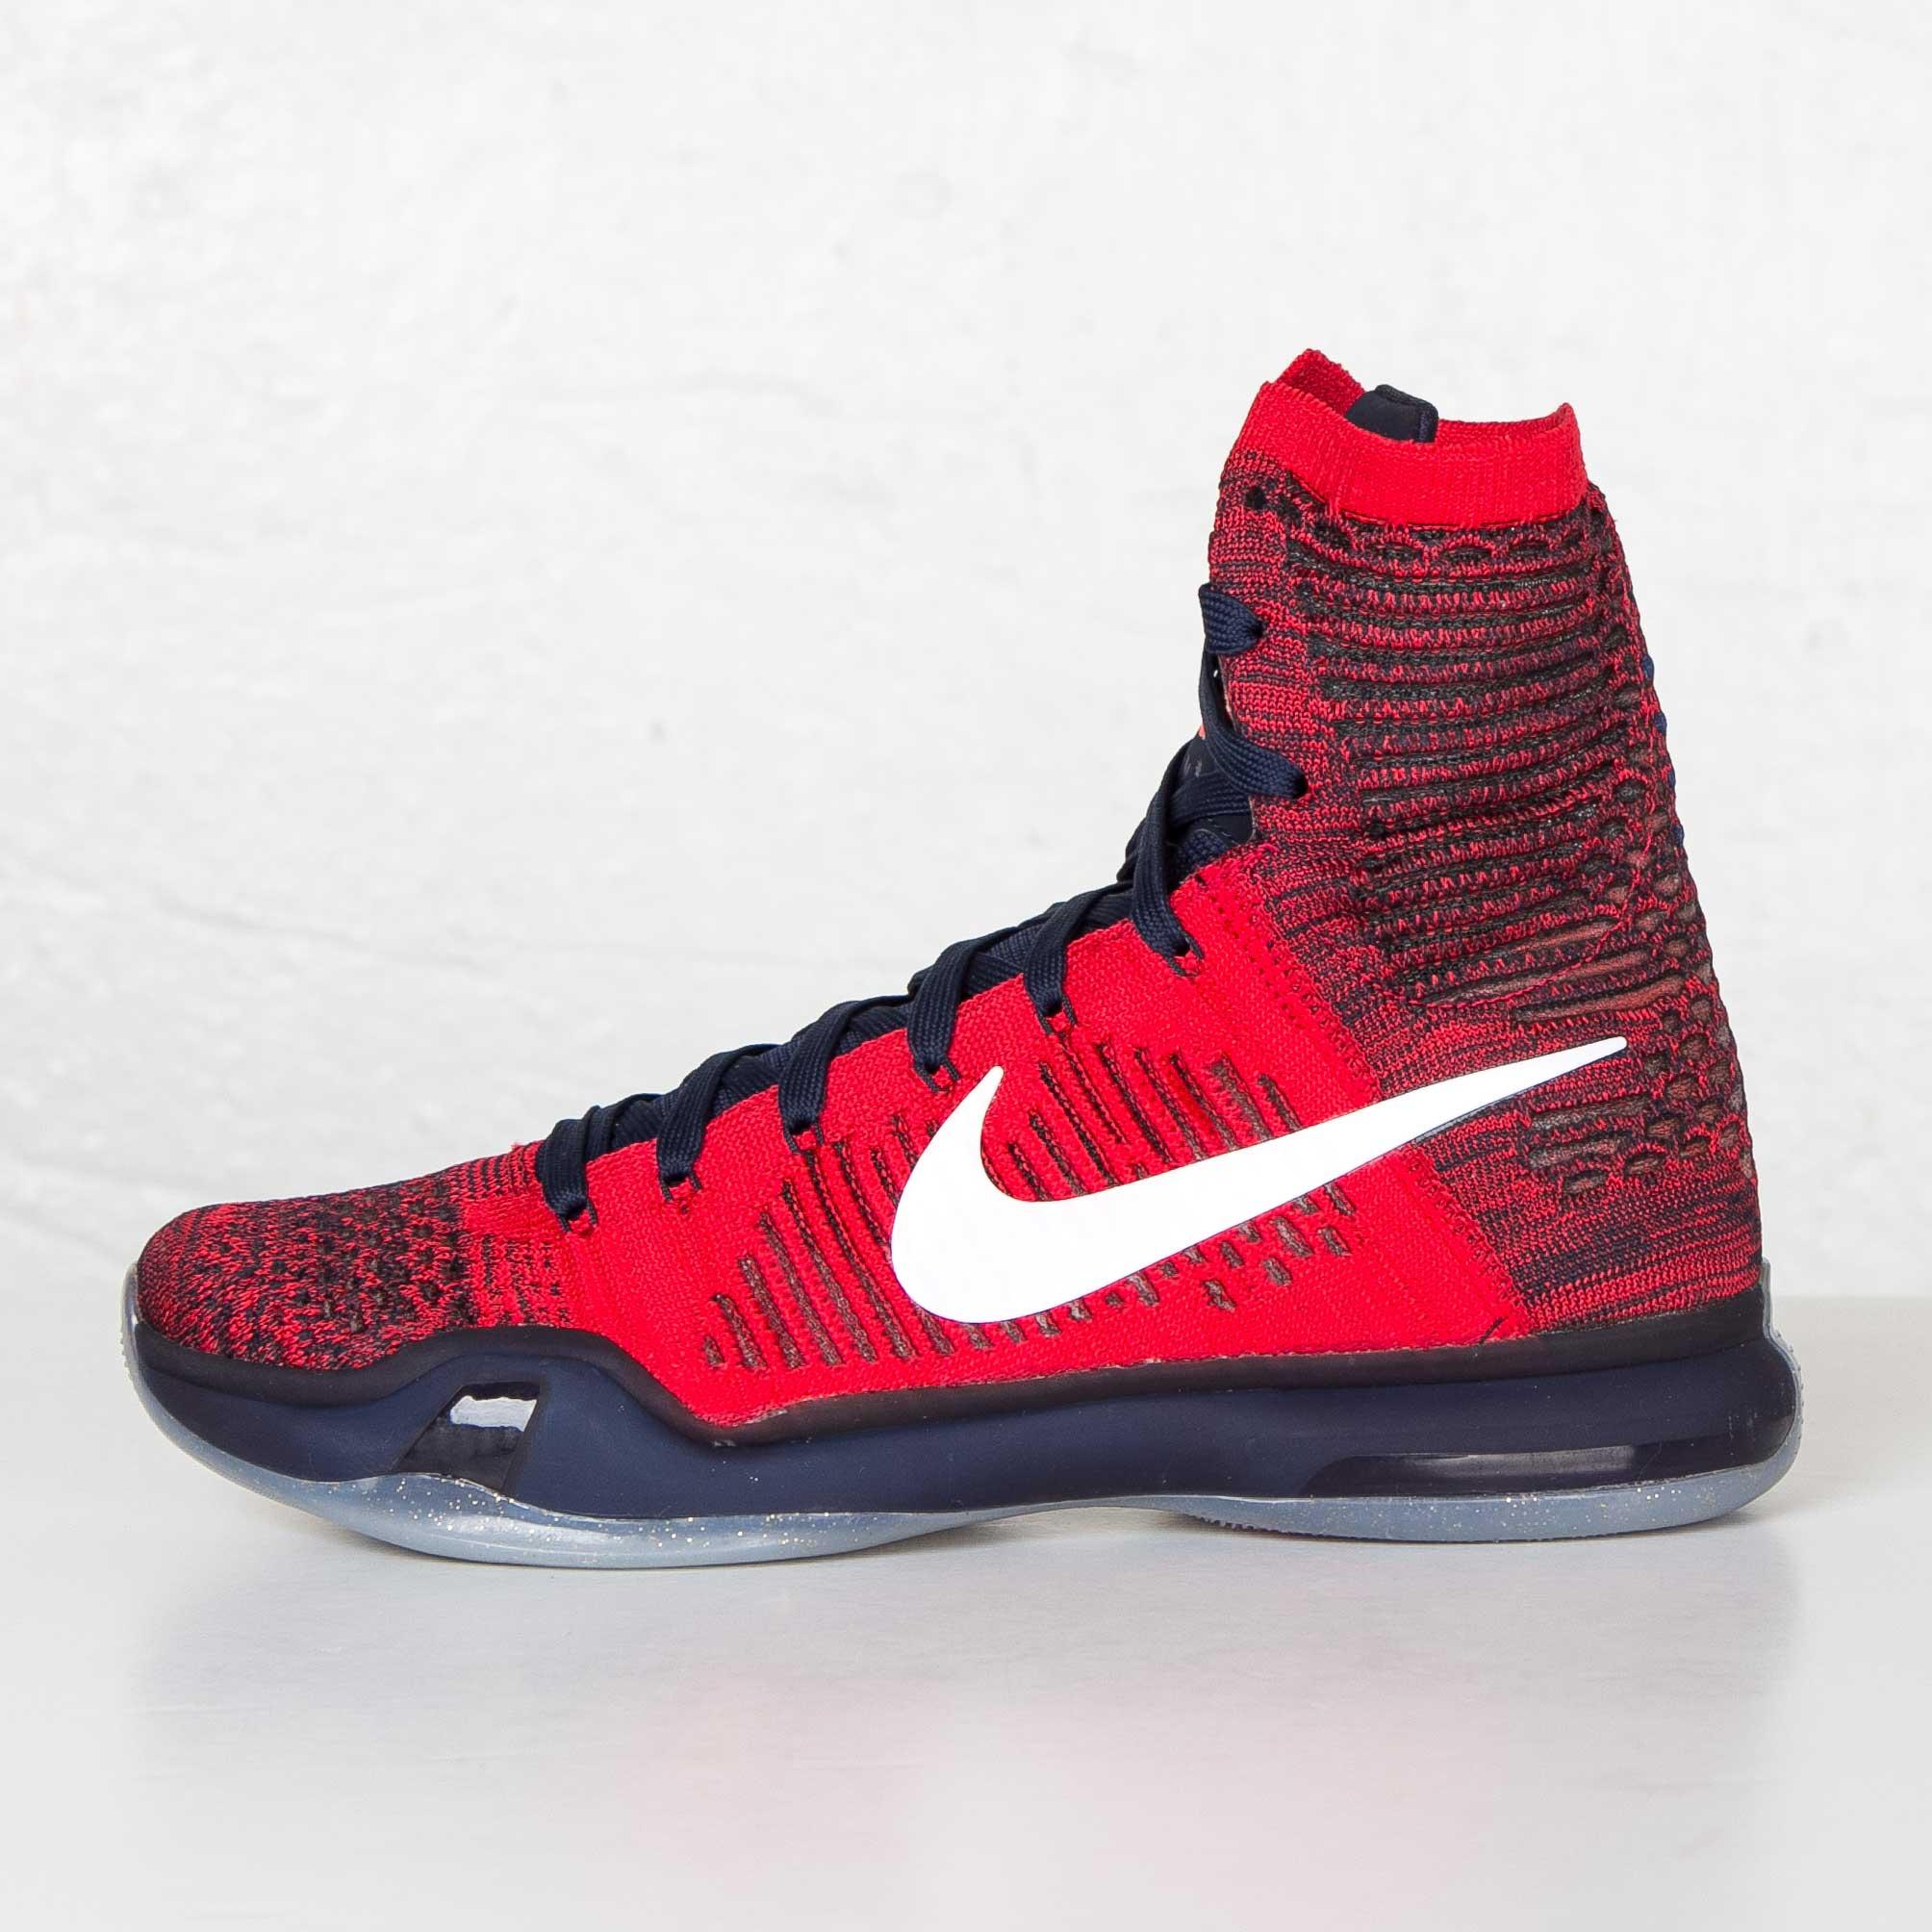 huge discount 1f873 b7dd8 Nike Kobe X Elite - 718763-614 - Sneakersnstuff   sneakers   streetwear  online since 1999